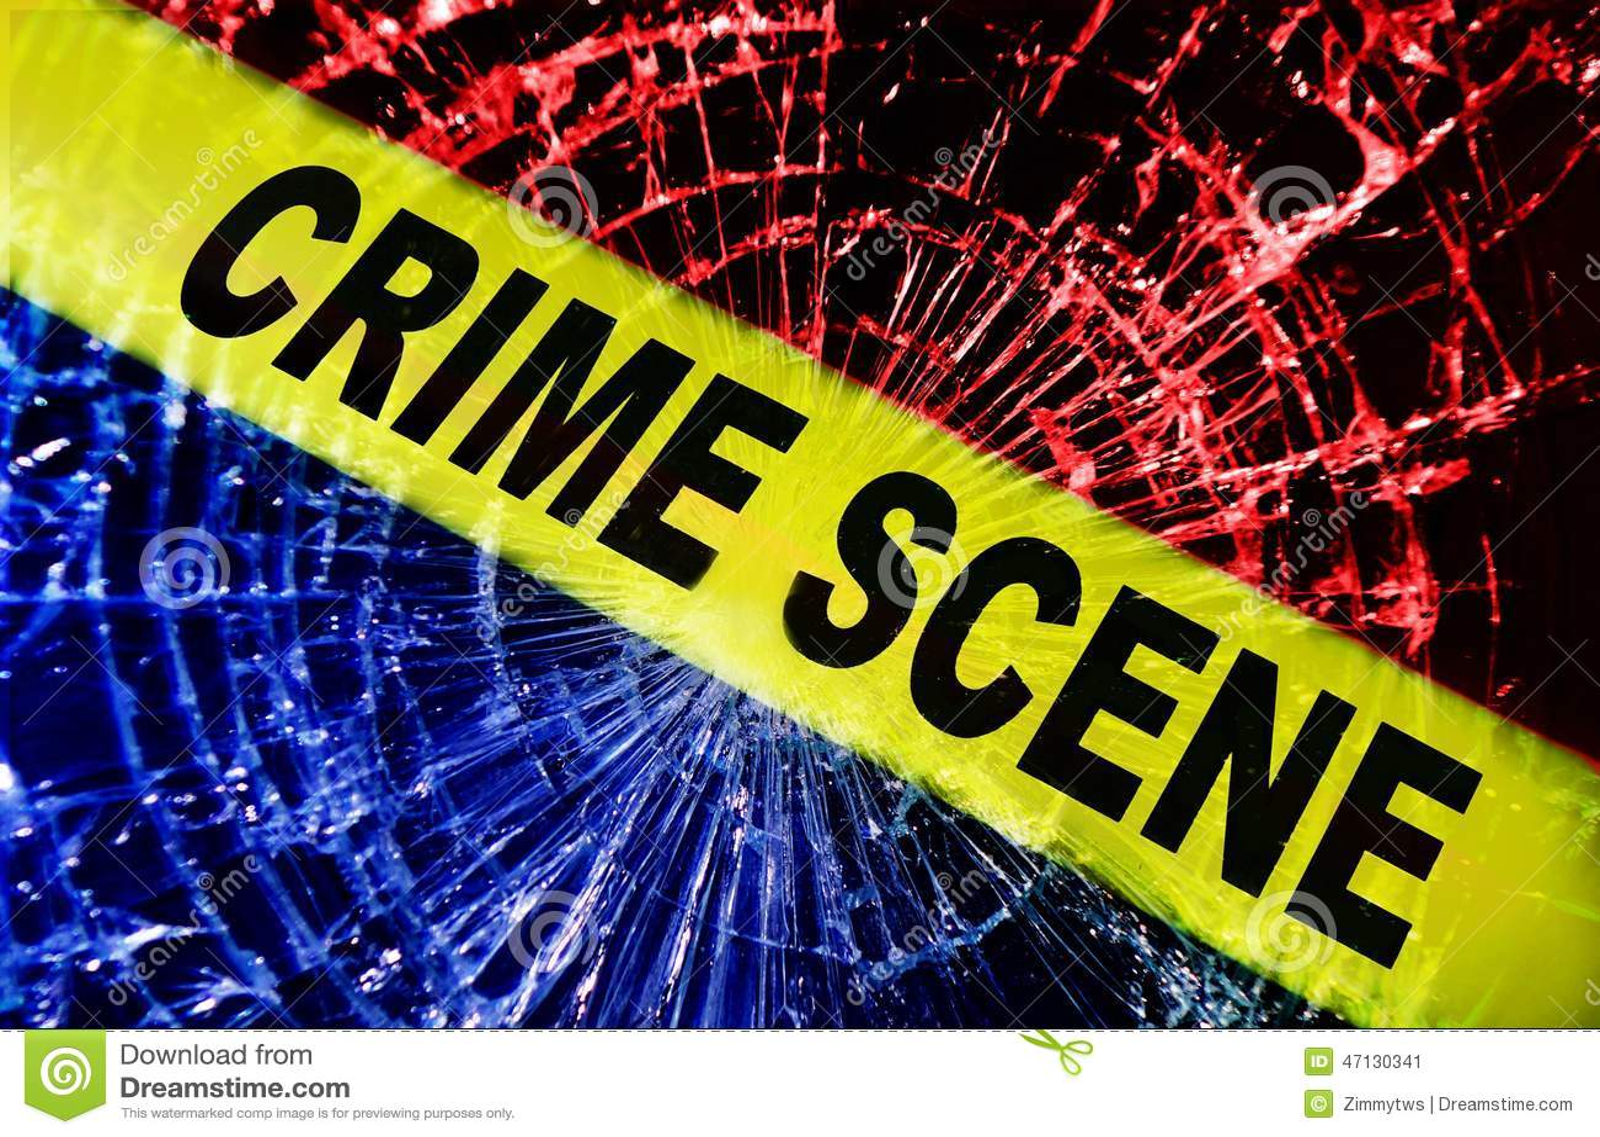 broken window crime scene stock photo image 47130341 crime clipart free no crime clipart